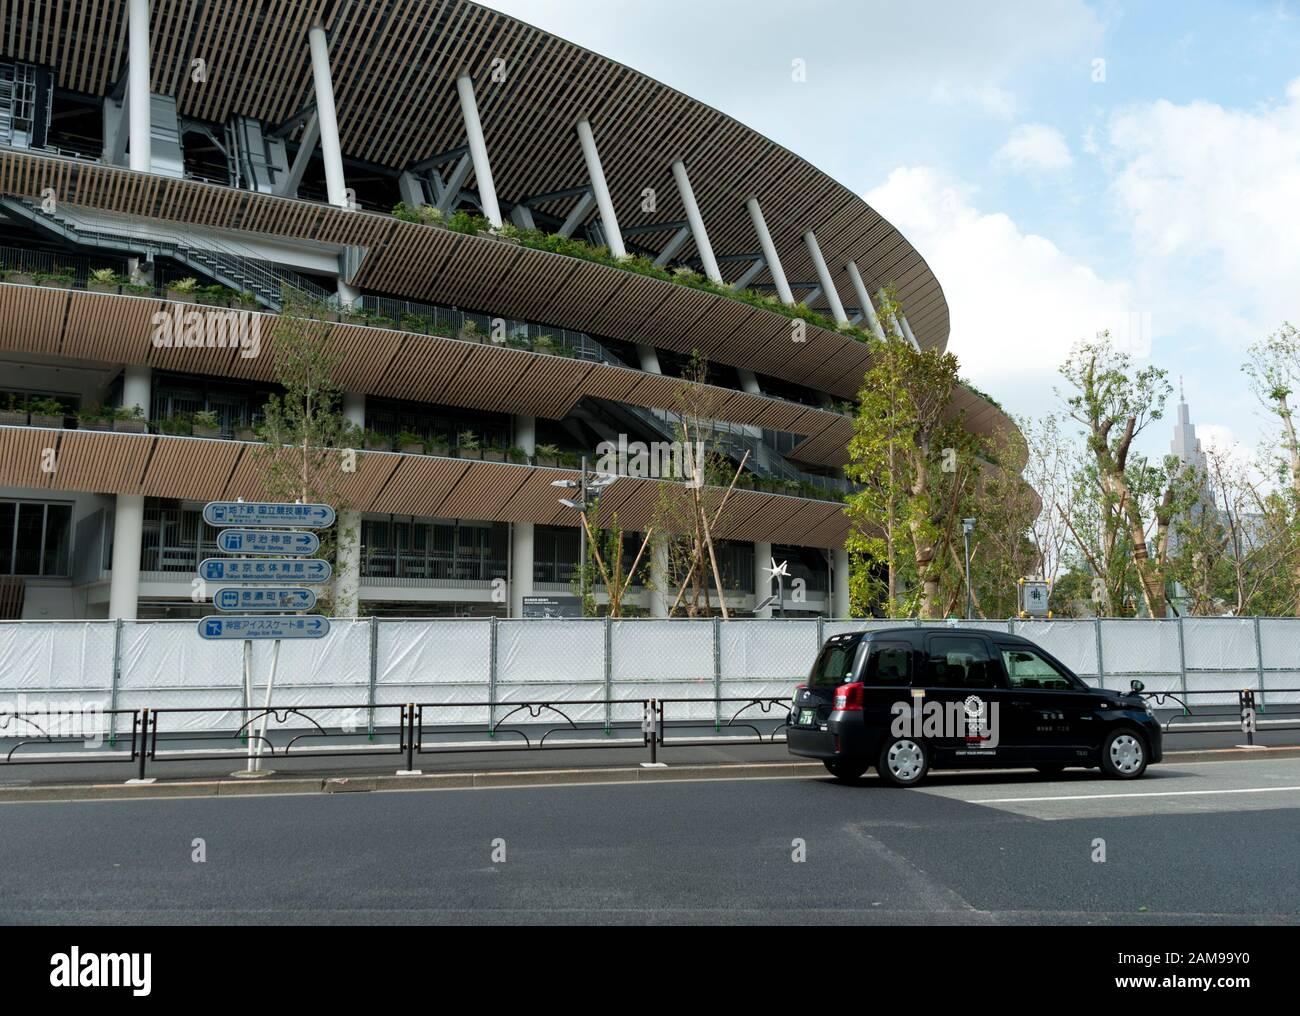 SHINJUKU CITY, TOKIO, JAPÓN - 30 DE SEPTIEMBRE de 2019: Vista parcial del nuevo estadio nacional de Tokio en construcción para los Juegos Olímpicos de 2020. Foto de stock